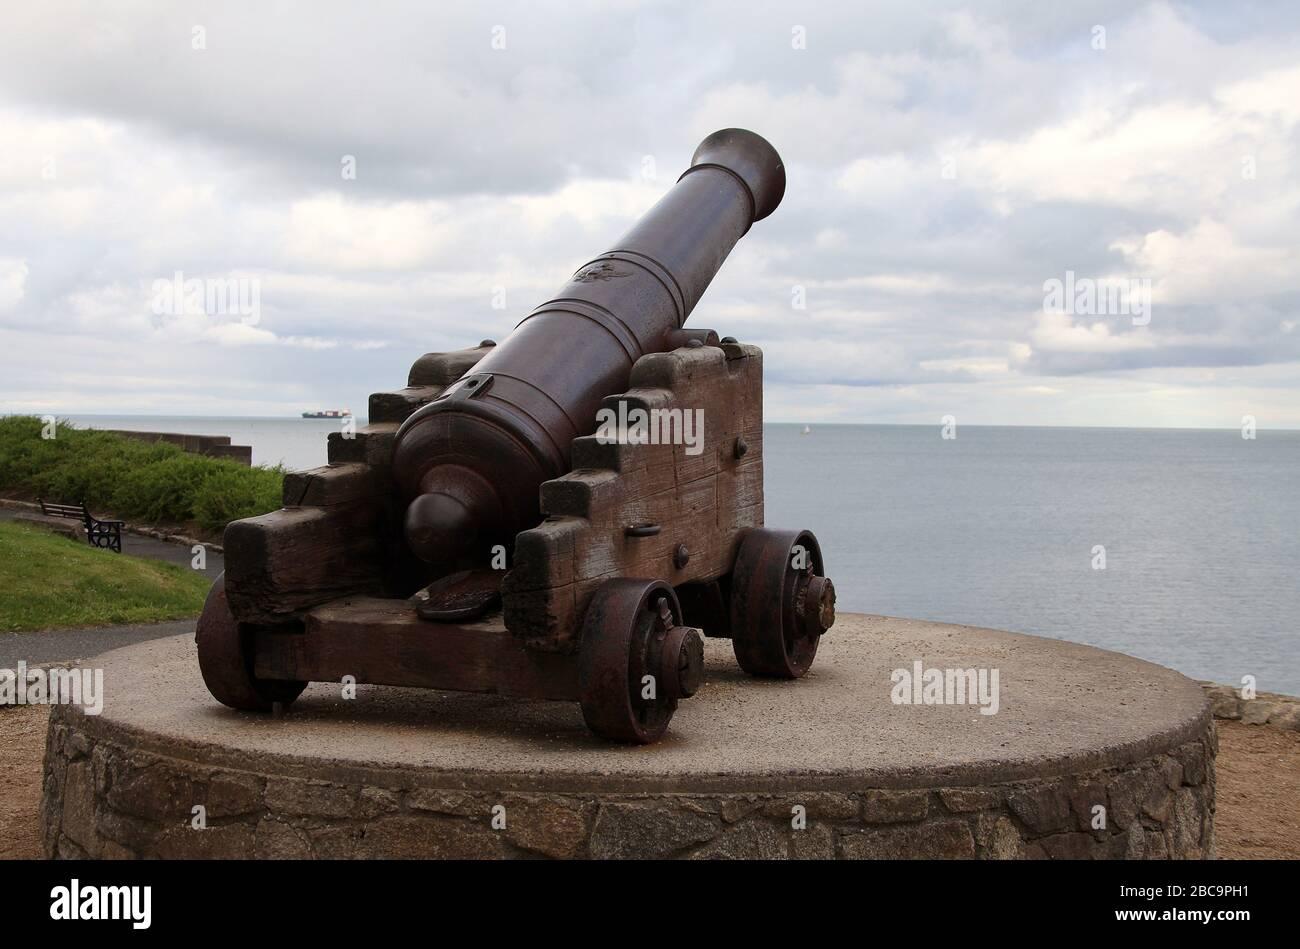 El cañón ruso histórico se exhibe en Dun Laoghaire en el condado de Dublín Foto de stock